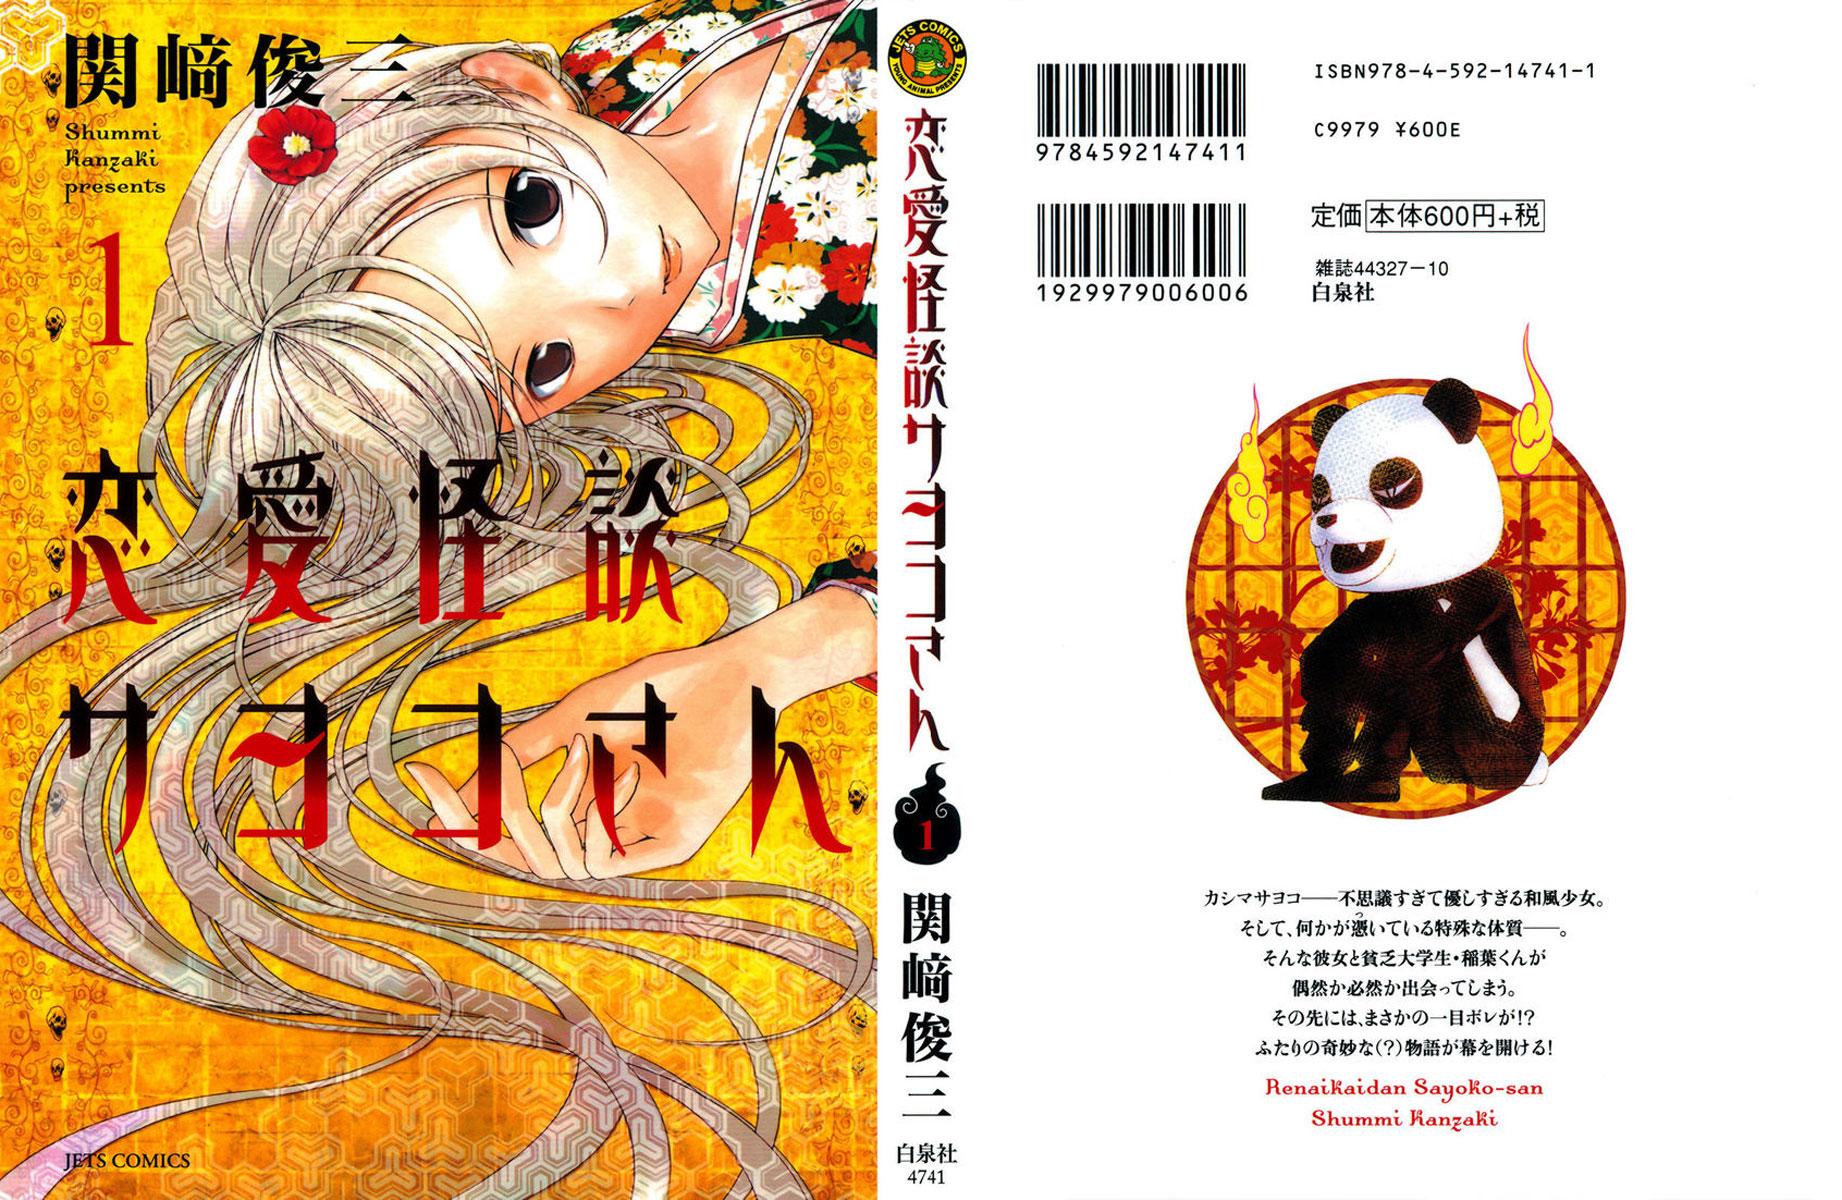 http://c5.ninemanga.com/es_manga/20/18580/432933/8671019bd0d1697cbd4f90809a2289d3.jpg Page 1